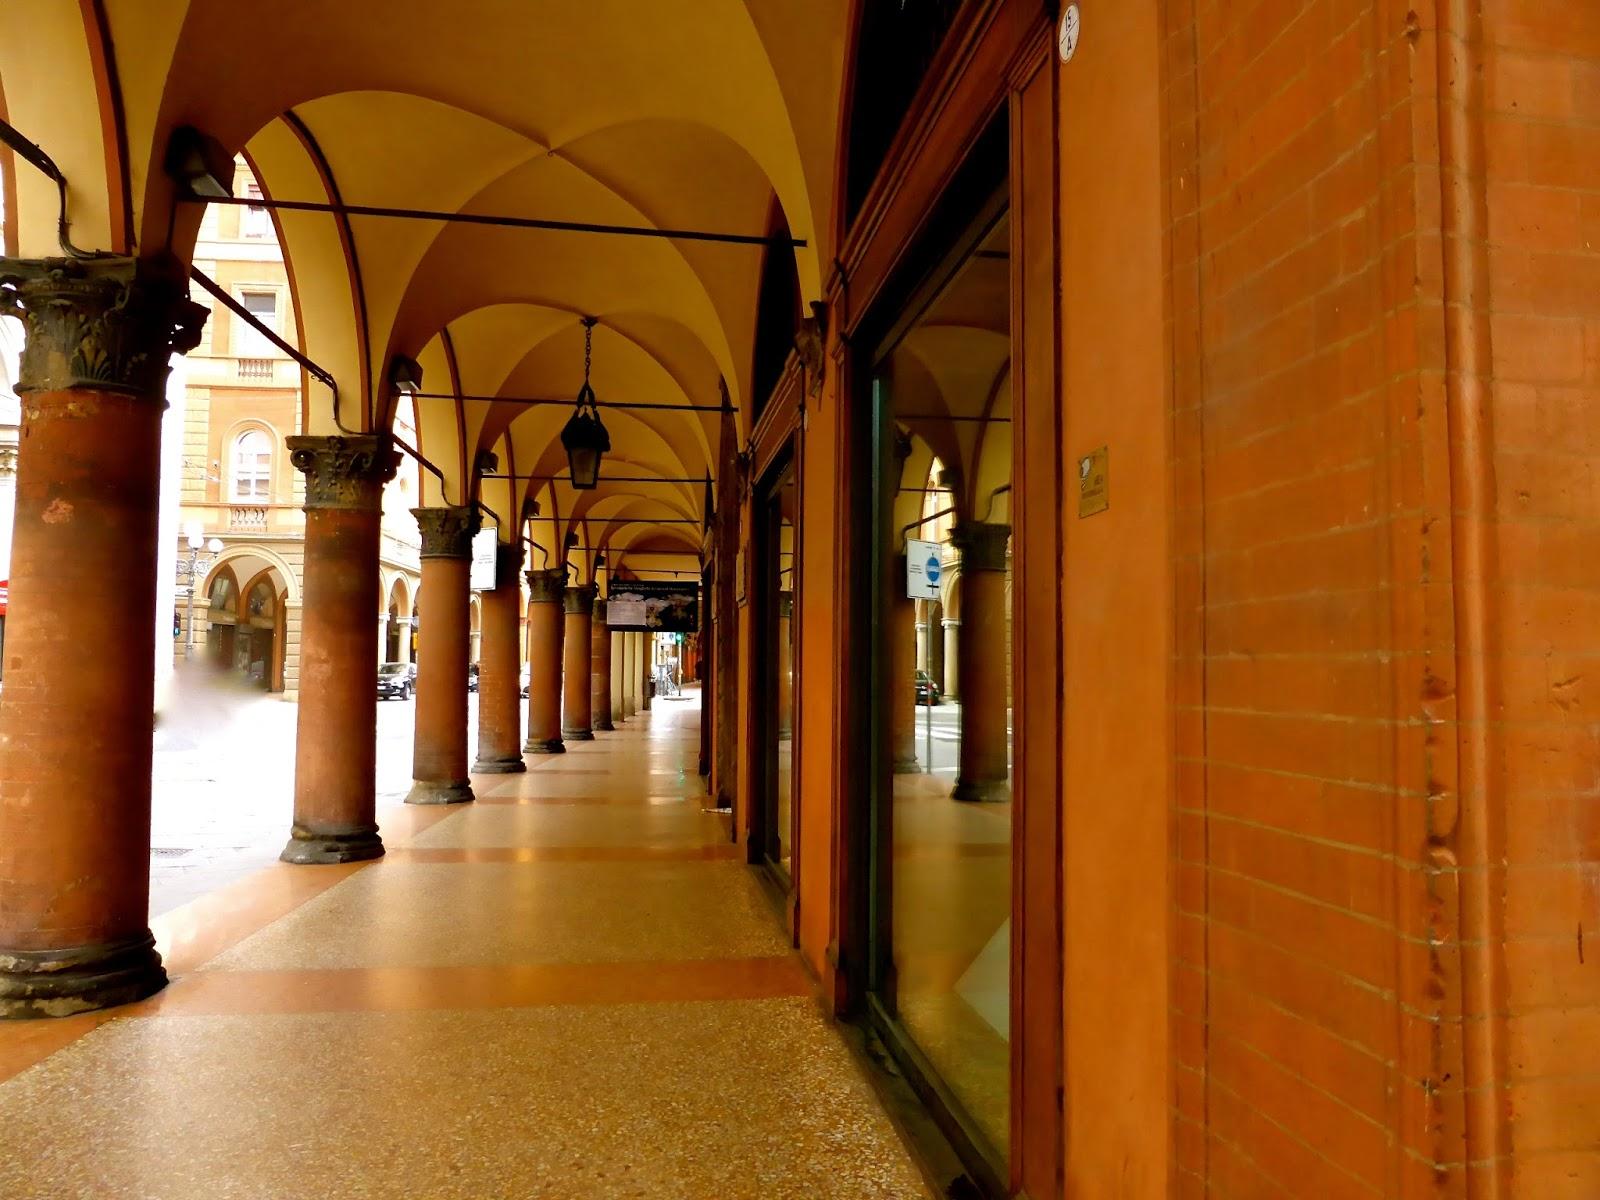 Ufficio Moderno Portici : Facciamo un giro in centro i portici primo percorso